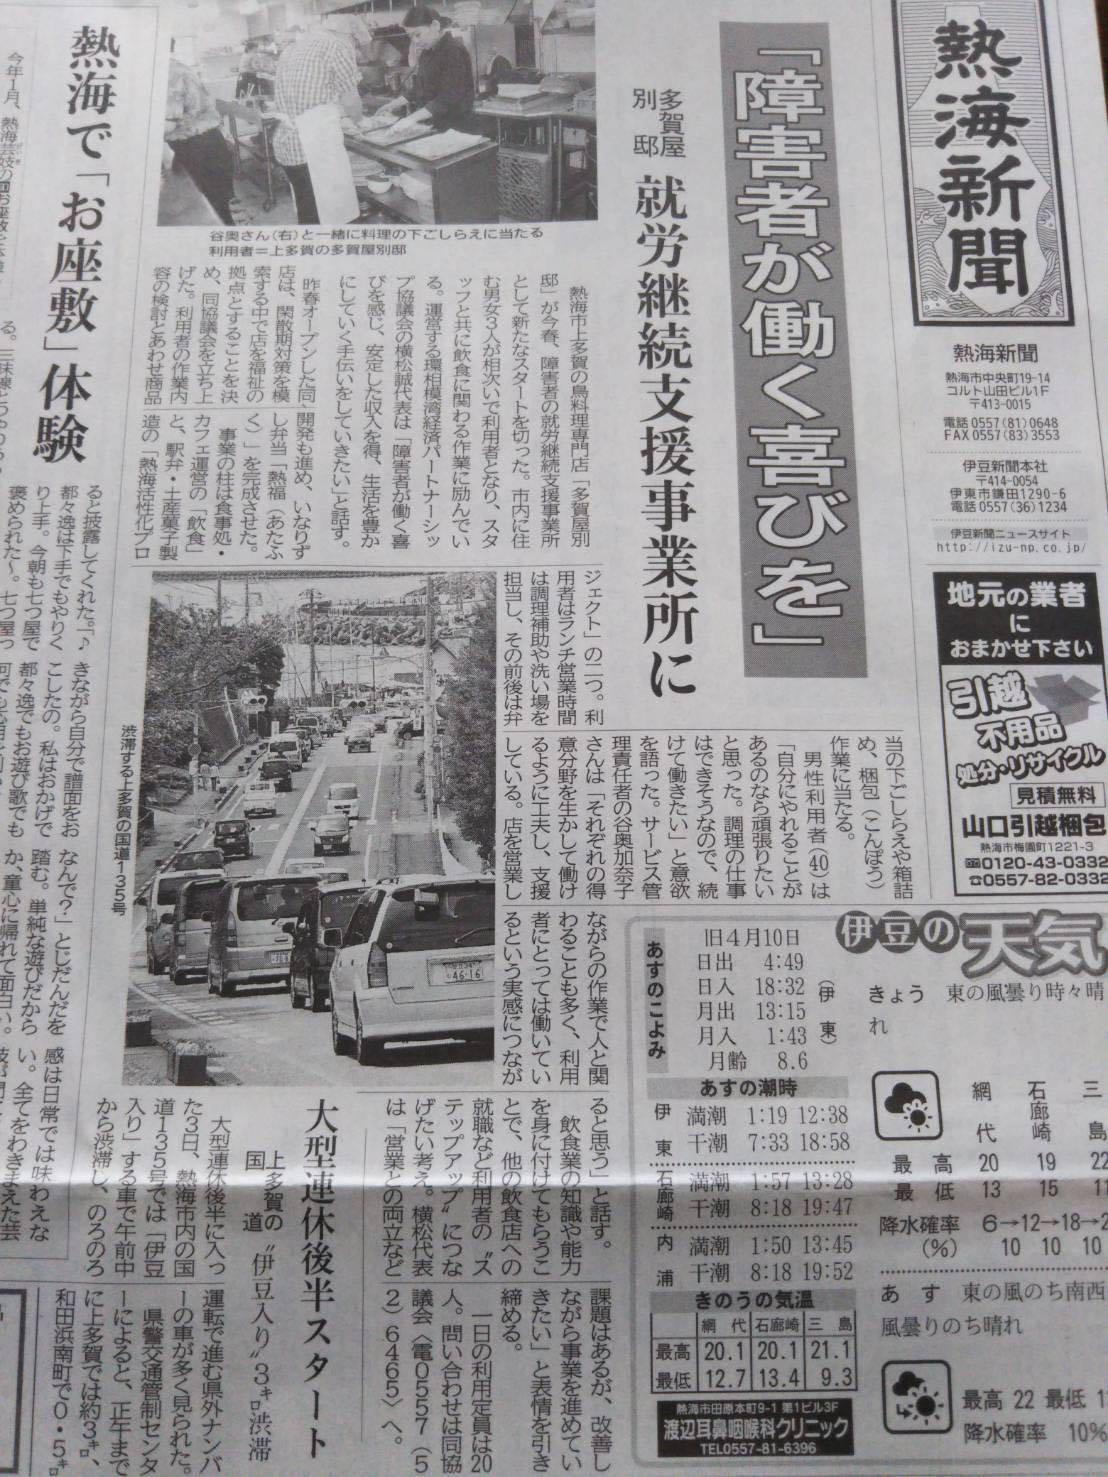 熱海多賀屋別邸の取り組みが伊豆新聞・熱海新聞に紹介